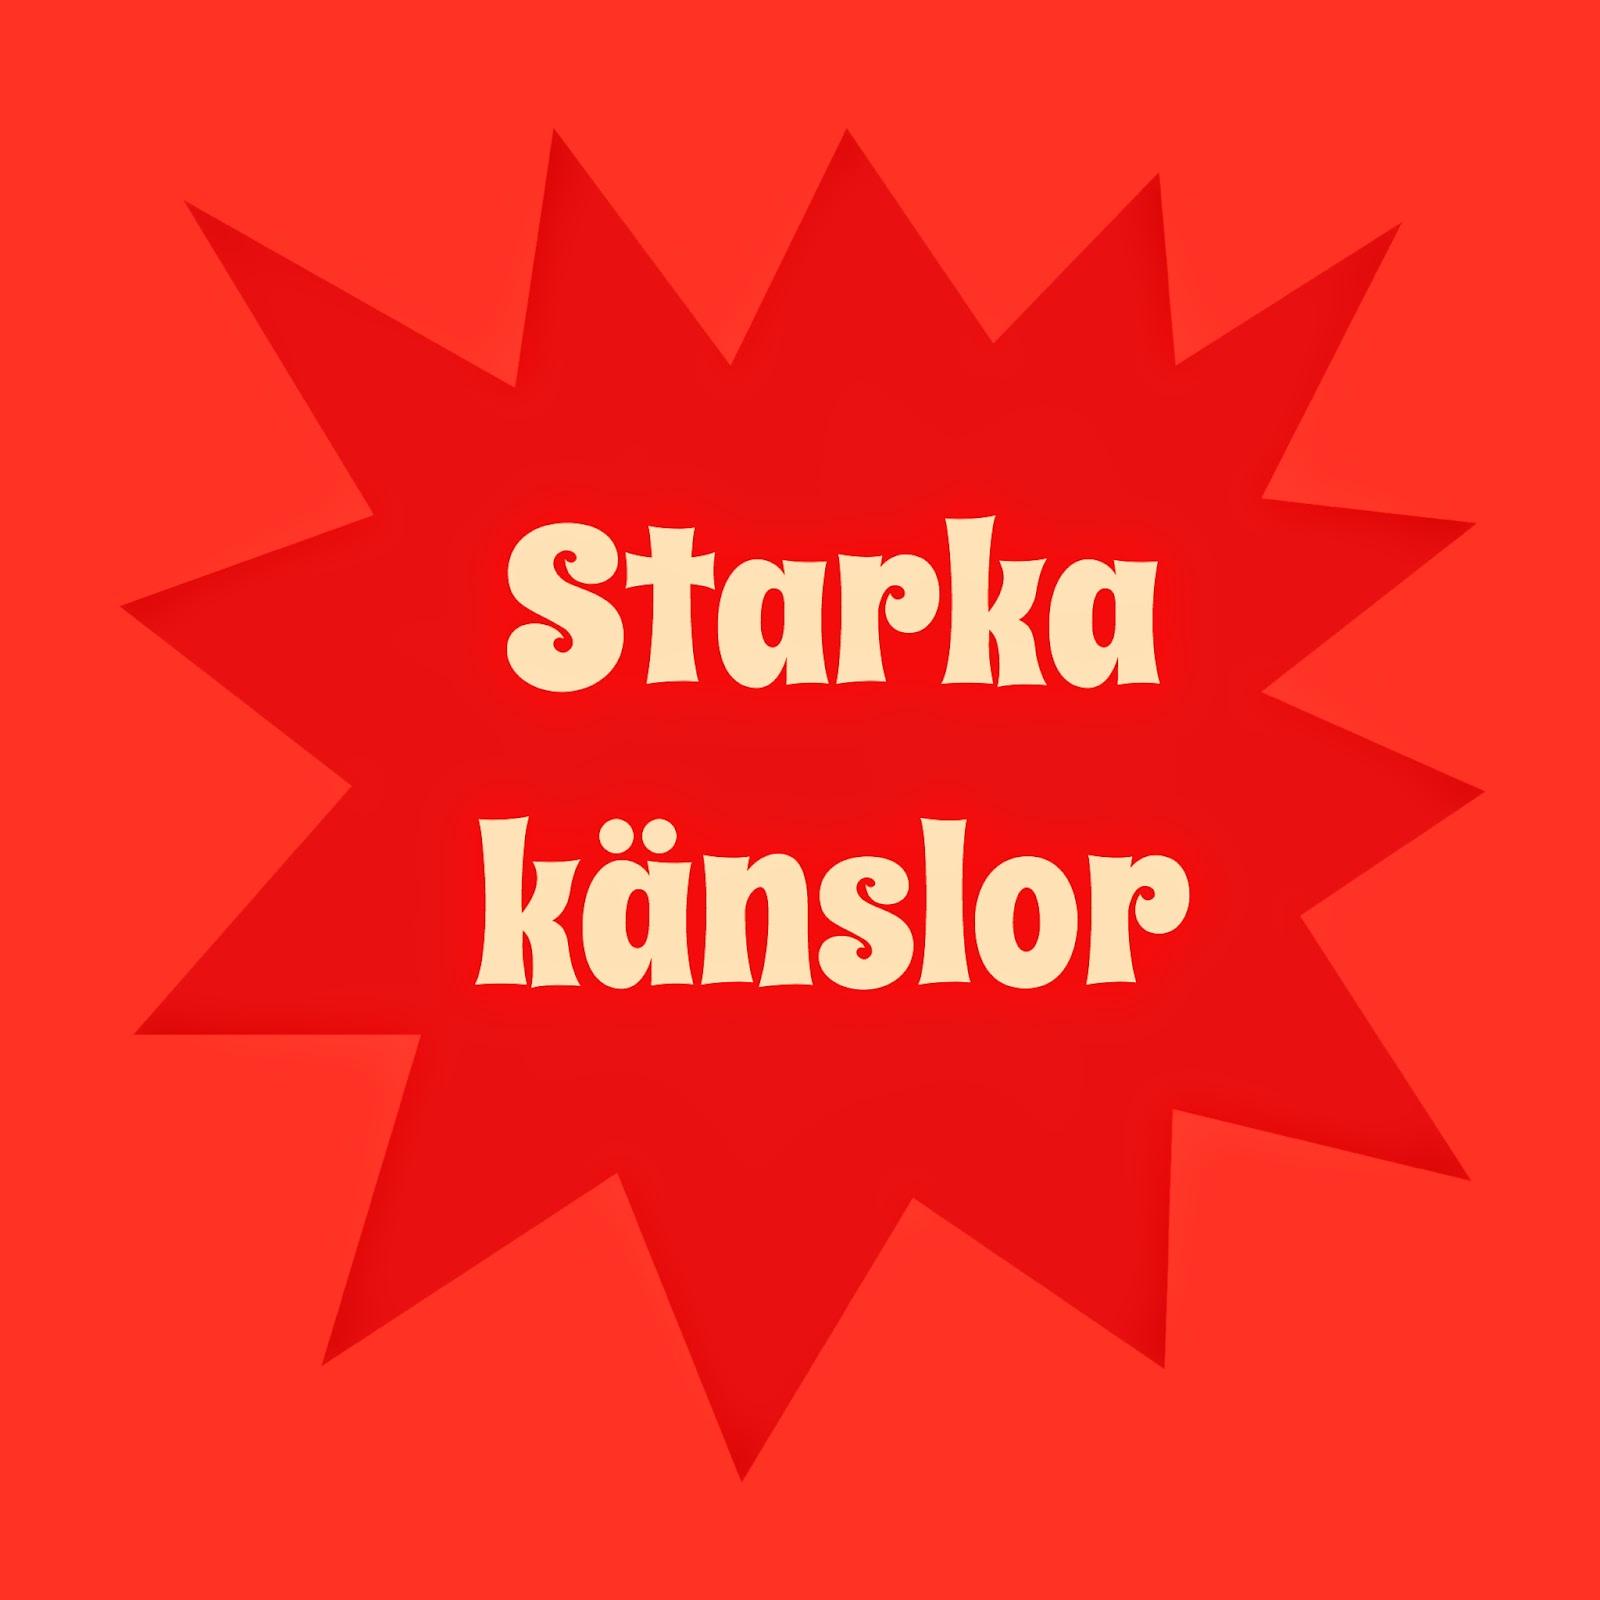 http://bokhjulet.blogspot.se/p/starka-kanslor.html